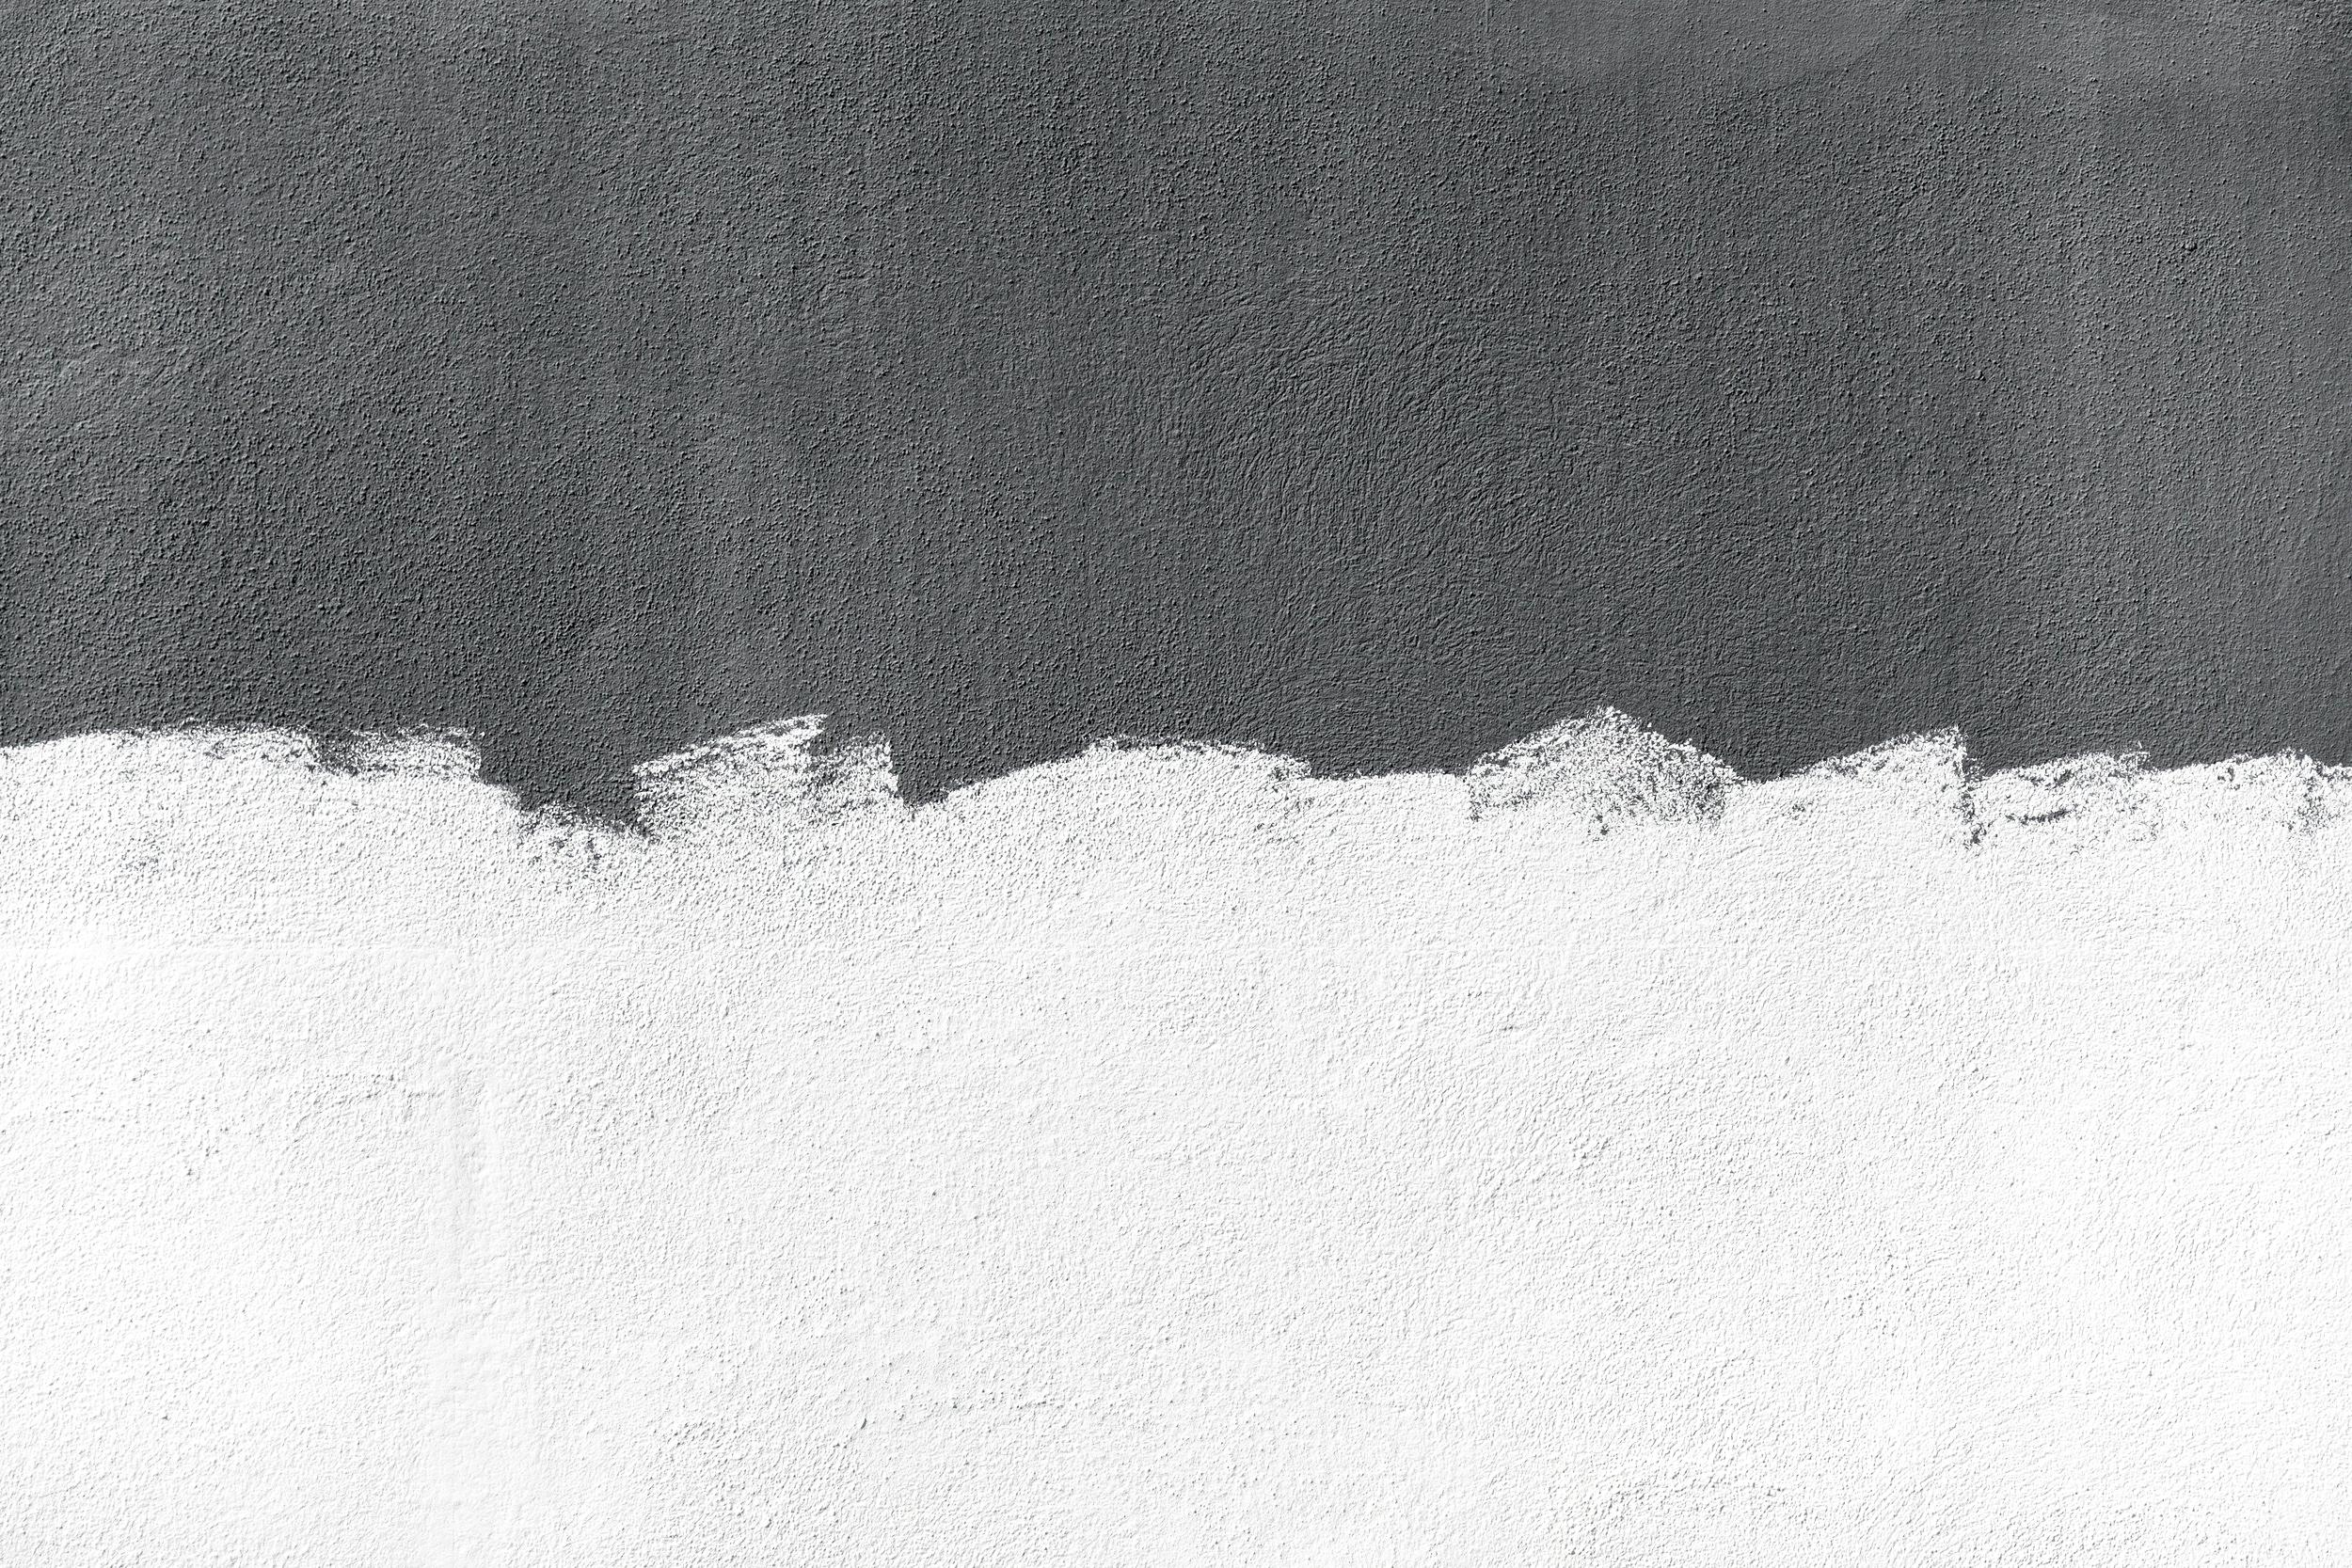 CHRIS BUDA - EXECUTIVE CONTENT + EXPERIENTIAL PRODUCER